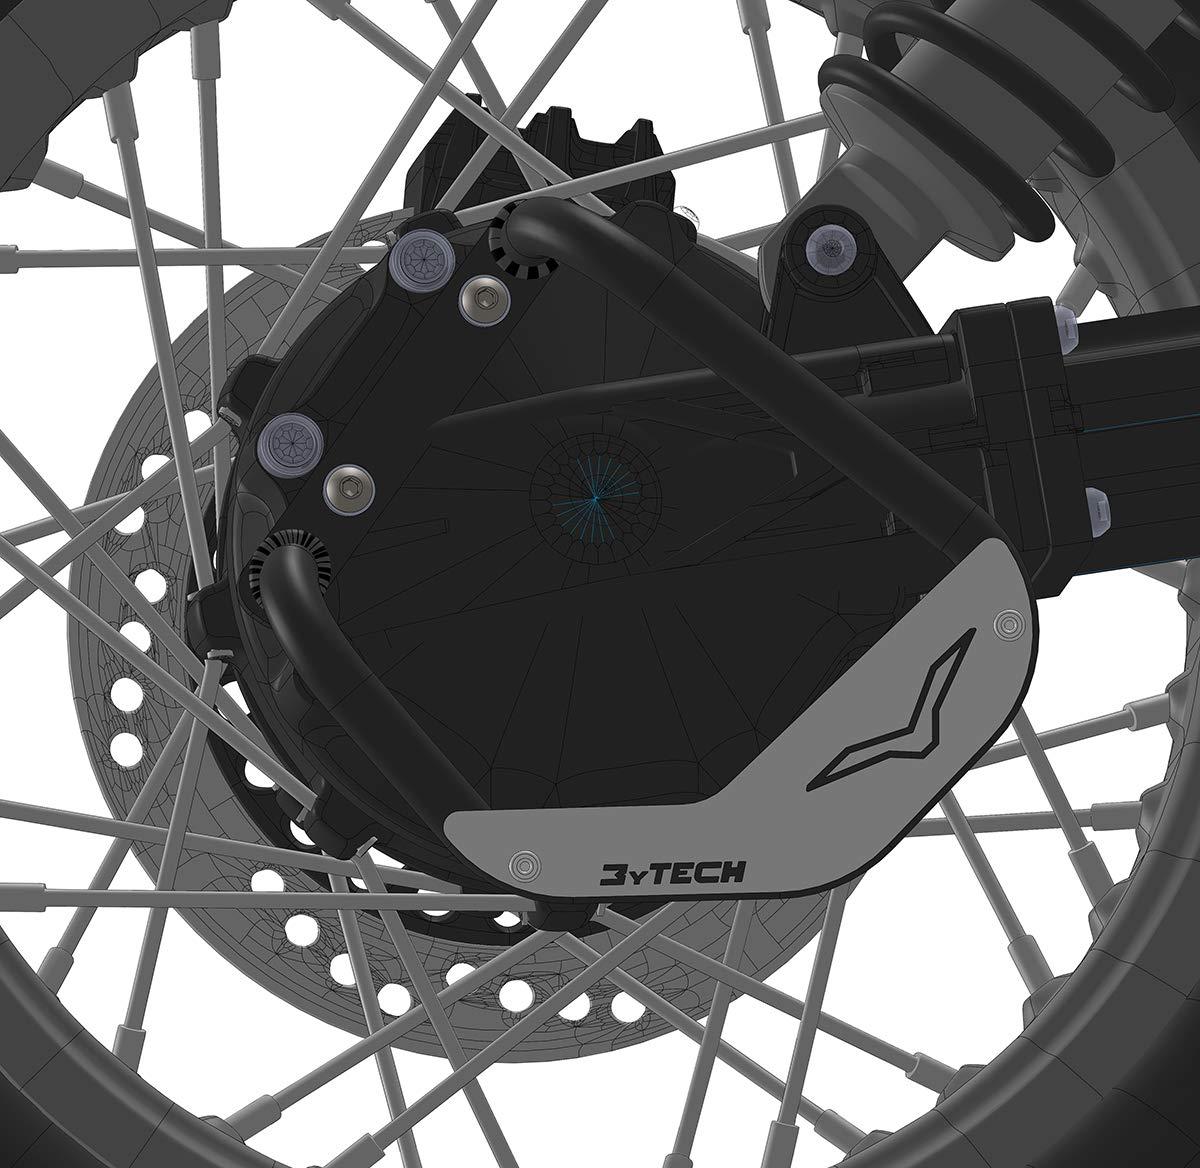 MyTech – Protección cardán de acero negro e inserto de aluminio anodizado plateado para Moto Guzzi V85TT: Amazon.es: Coche y moto